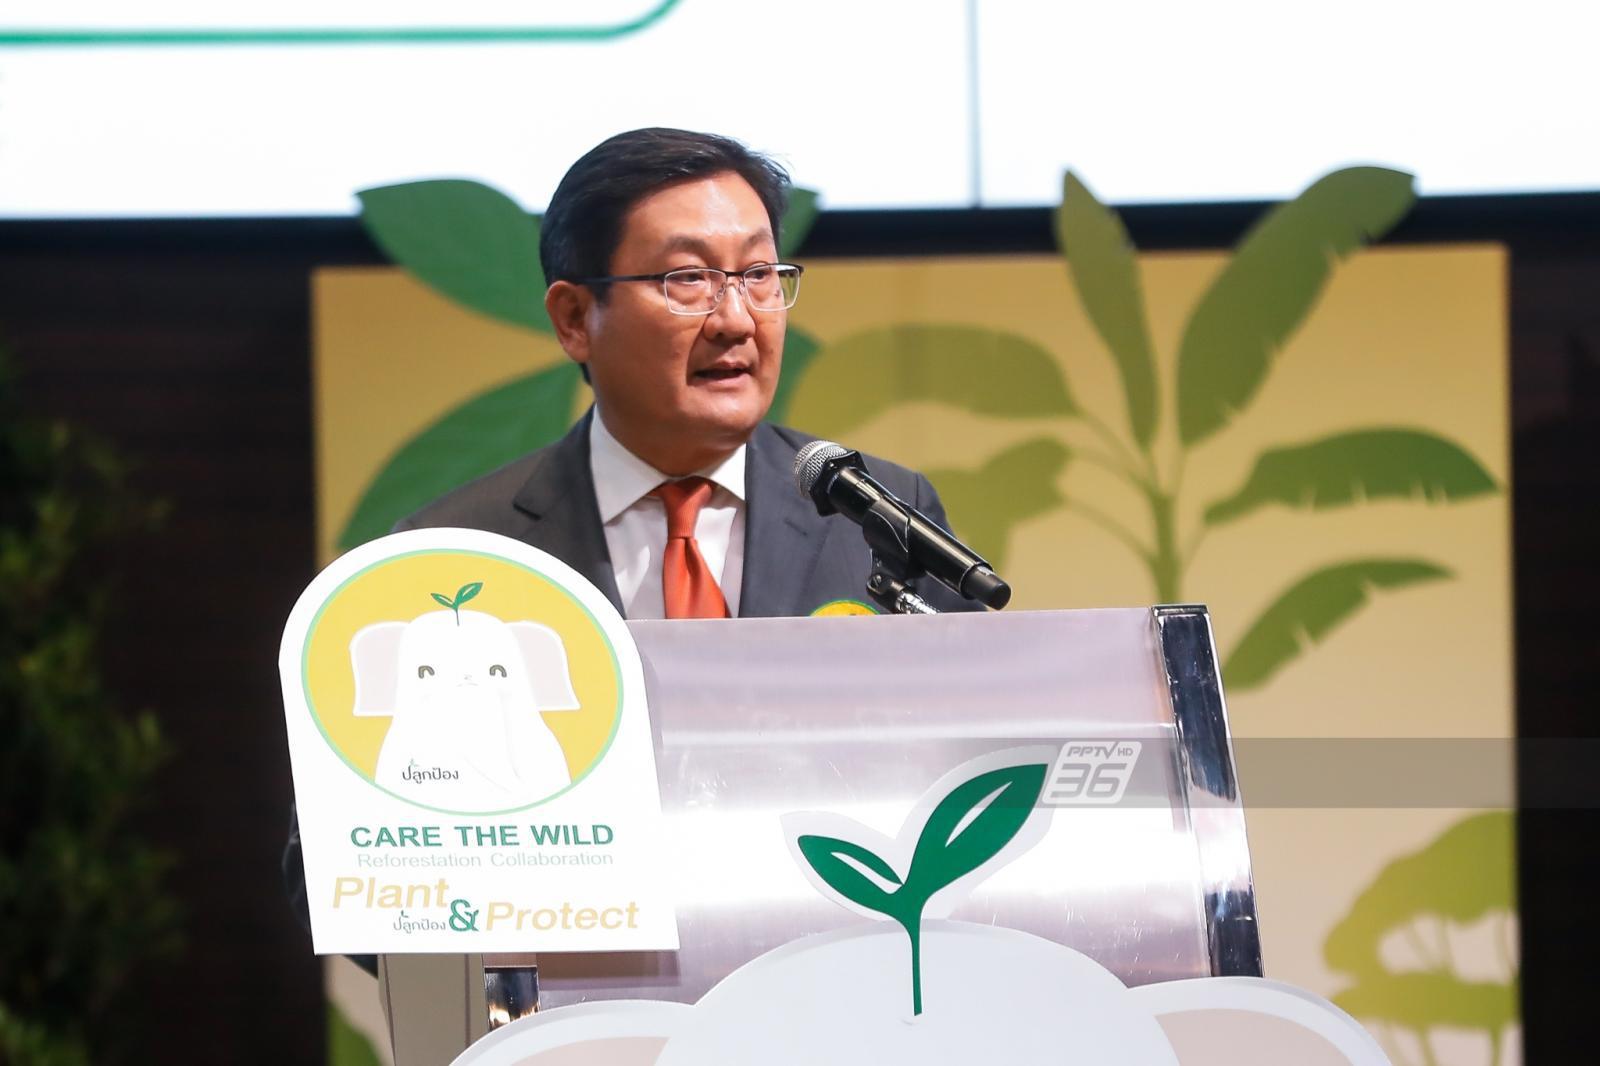 """ตลาดหลักทรัพย์ฯ เปิดโครงการลดโลกร้อน Care the Wild """"ปลูกป้อง Plant & Protect"""""""